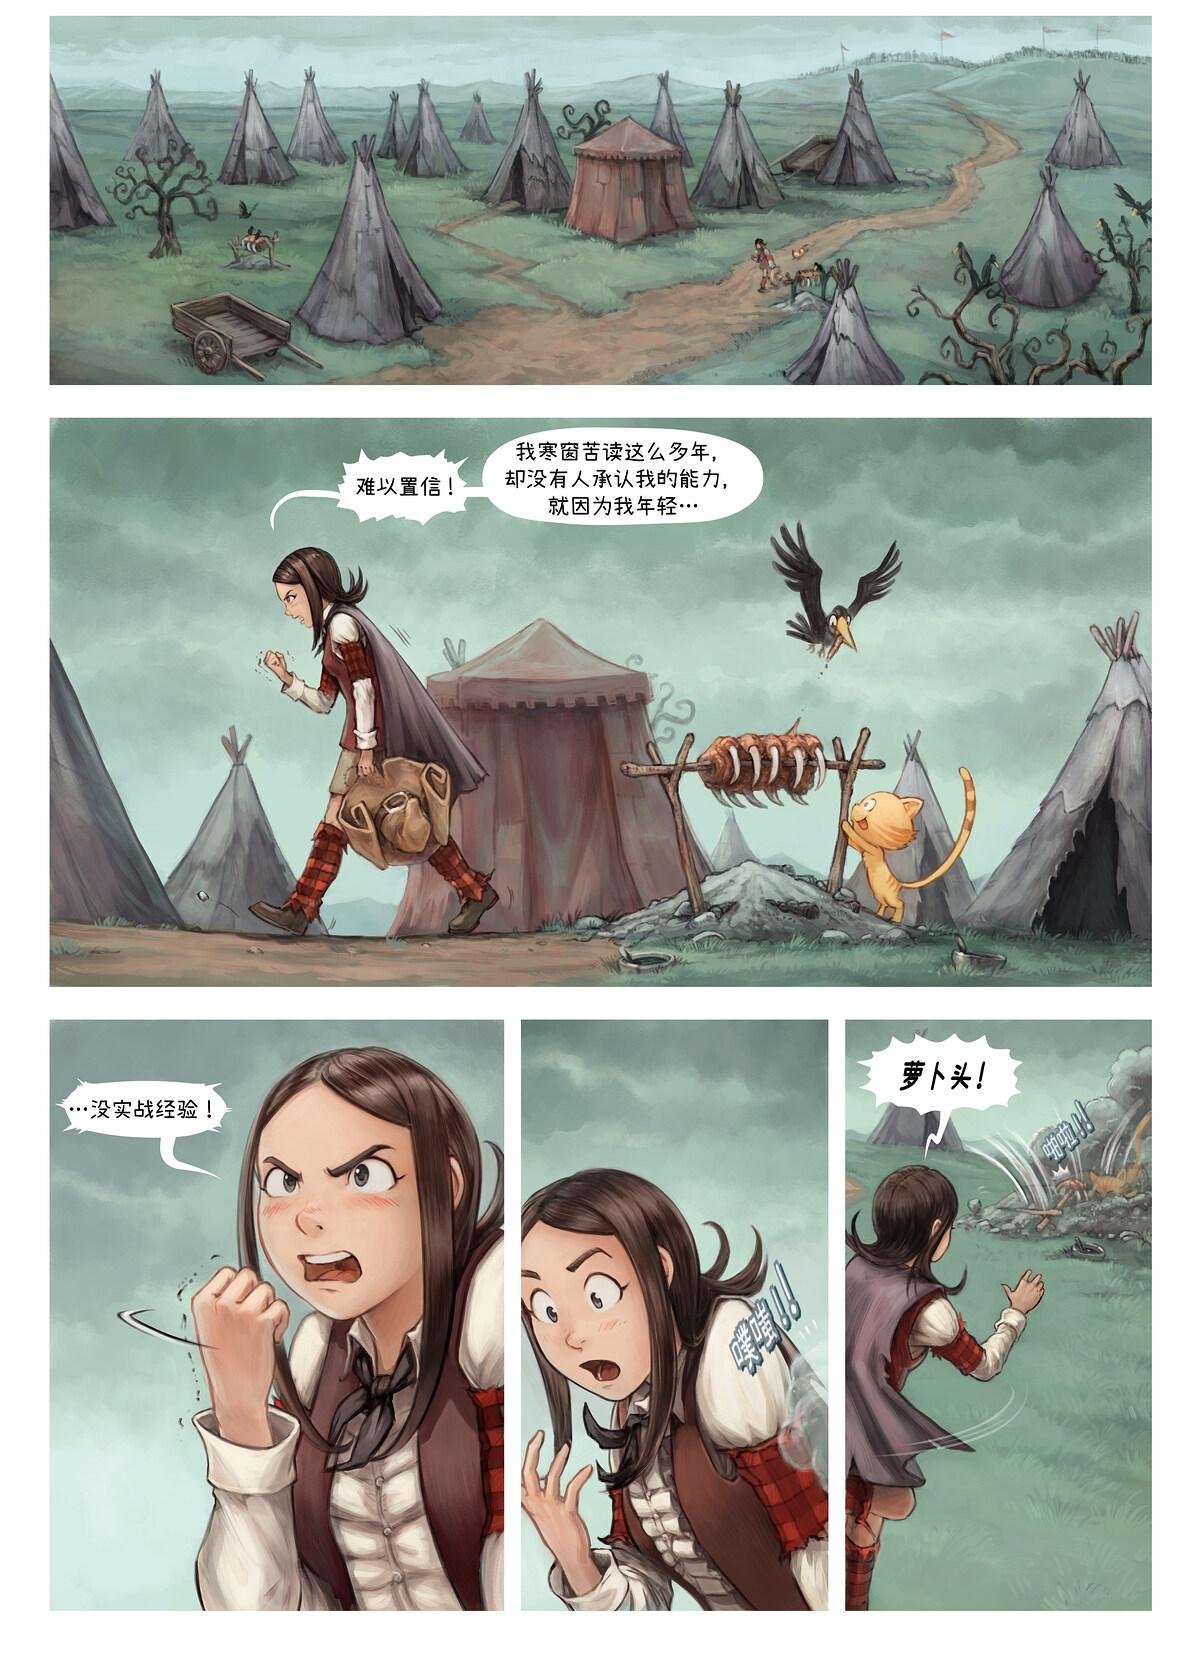 第32集:战场, Page 4